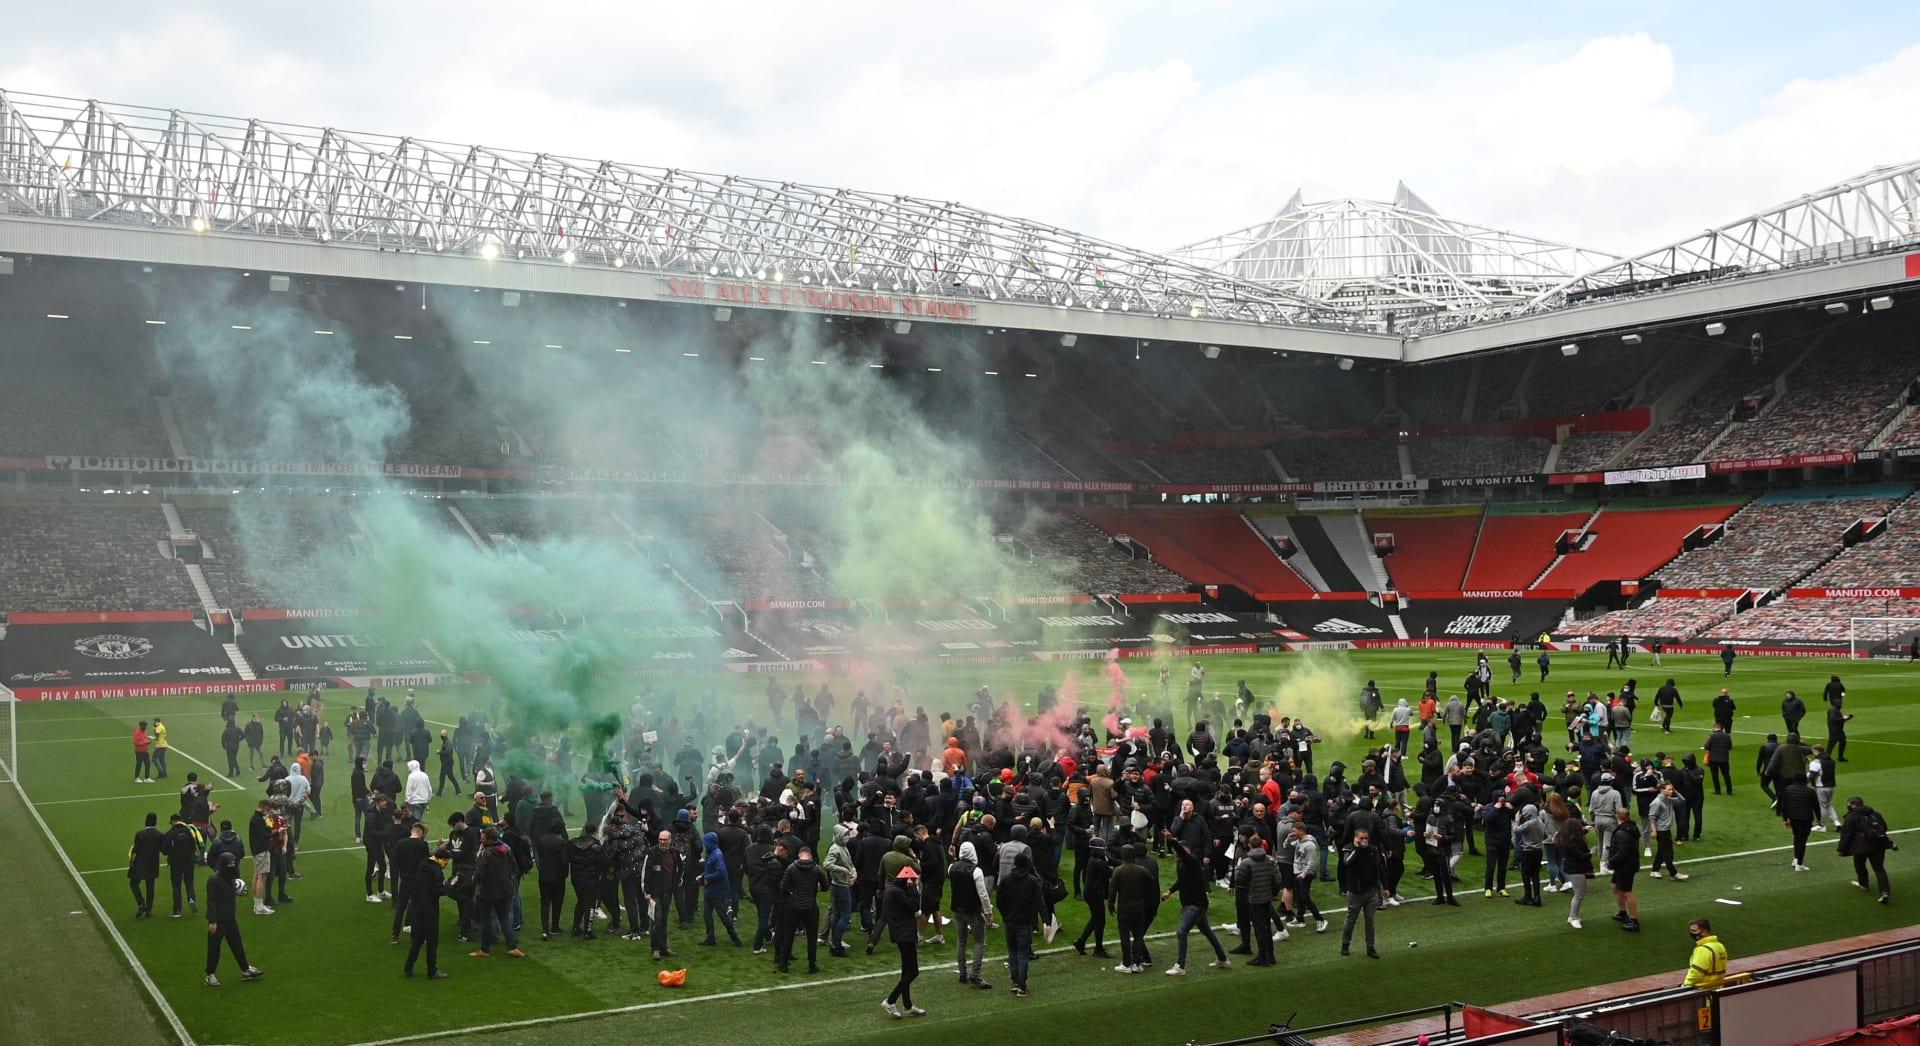 مشجعو مانشستر يونايتد يقتحمون ملعب أولد ترافورد قبيل مباراة ليفربول للاحتجاج على مالكي النادي